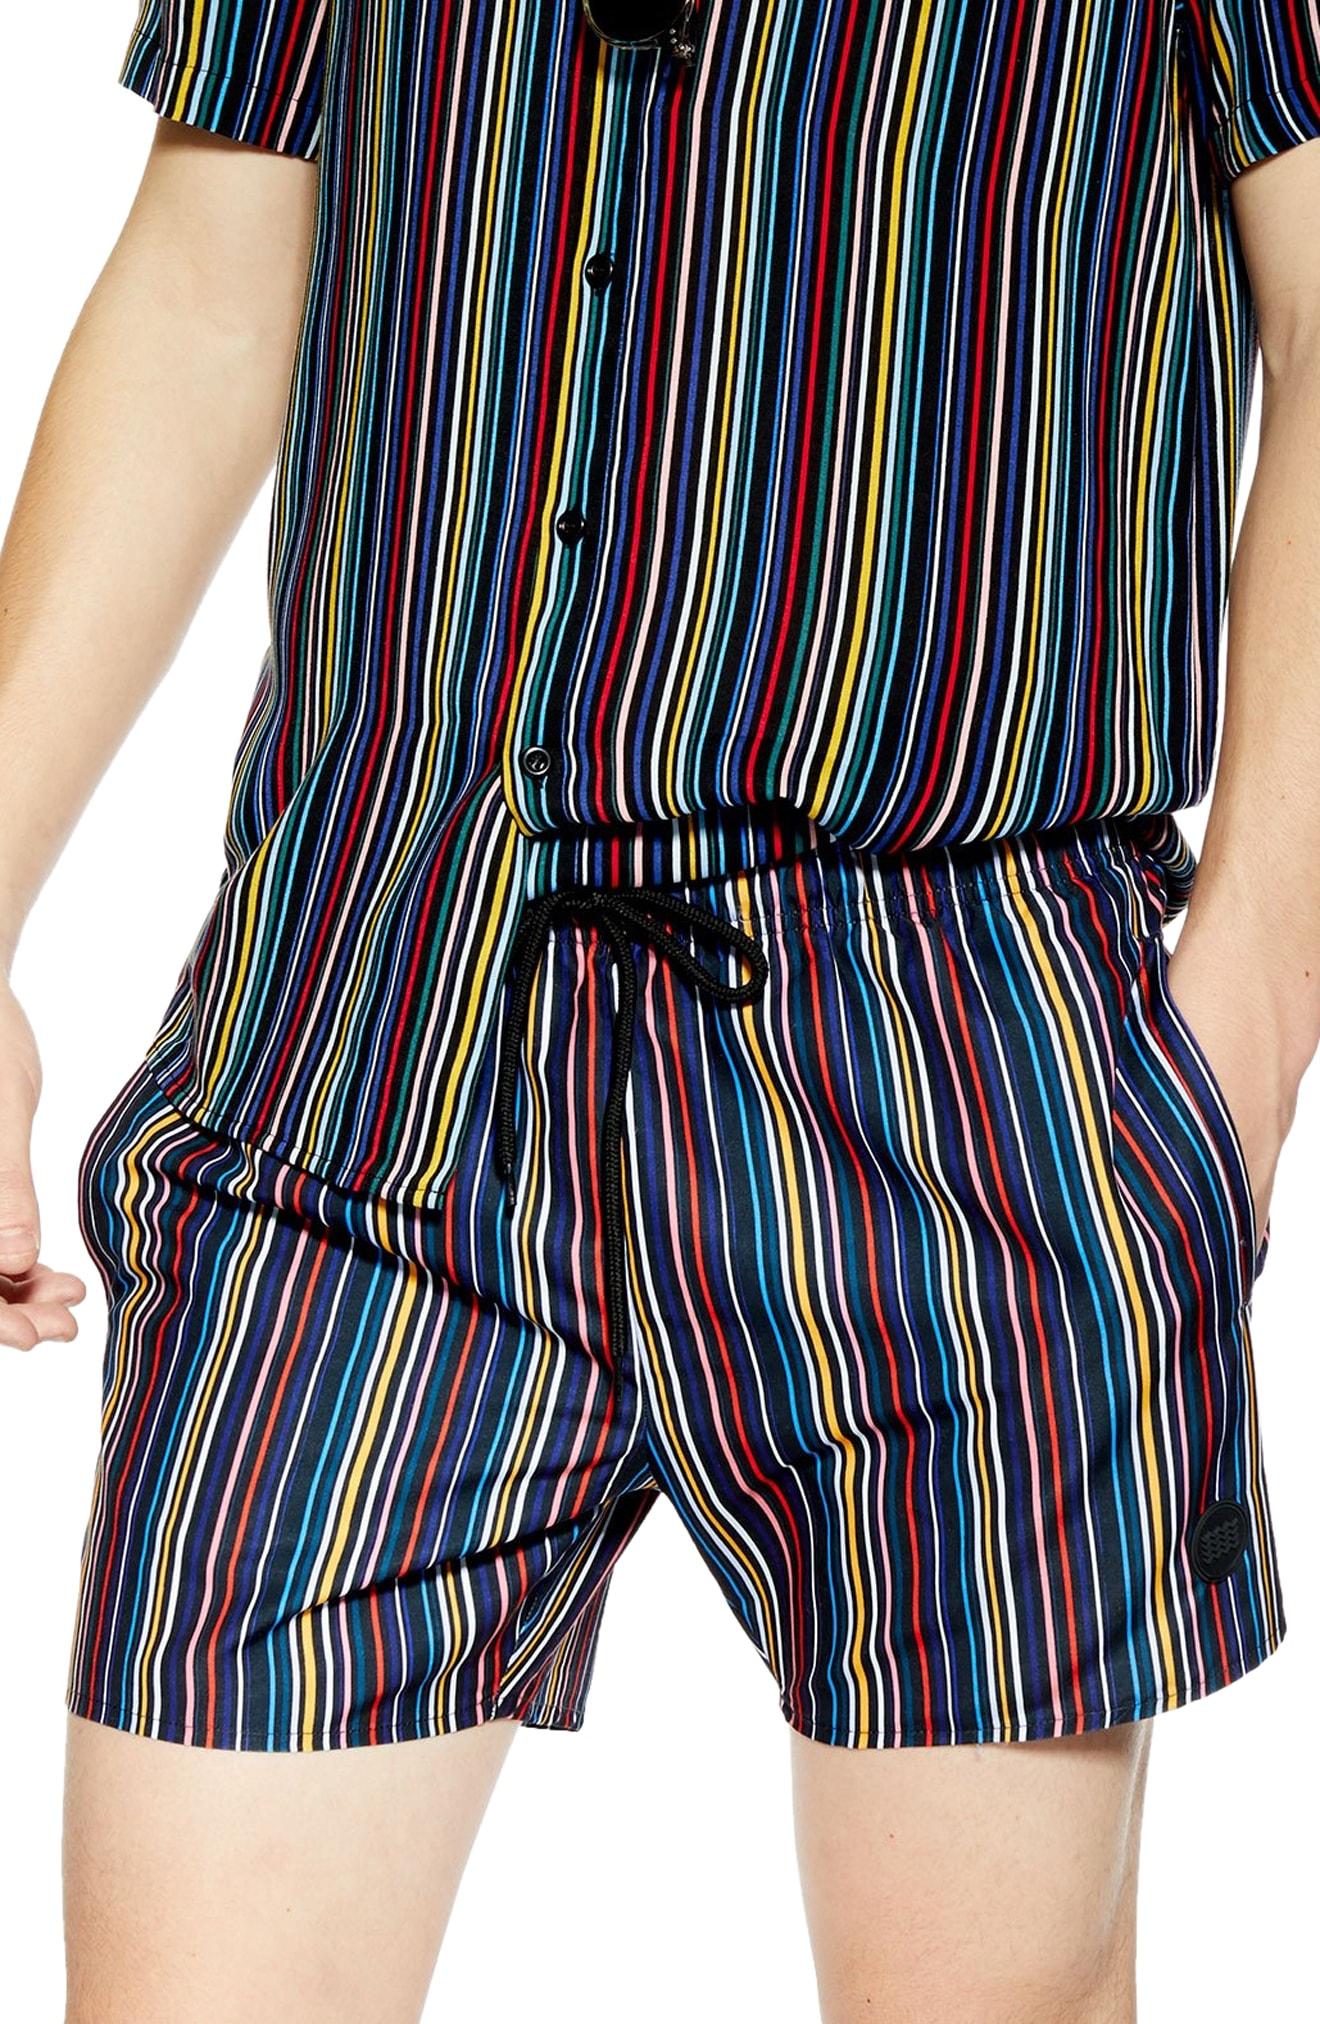 e2d54424c1b2 Men's Topman Pinstripe Swim Shorts, Size Large – Black | The Fashionisto